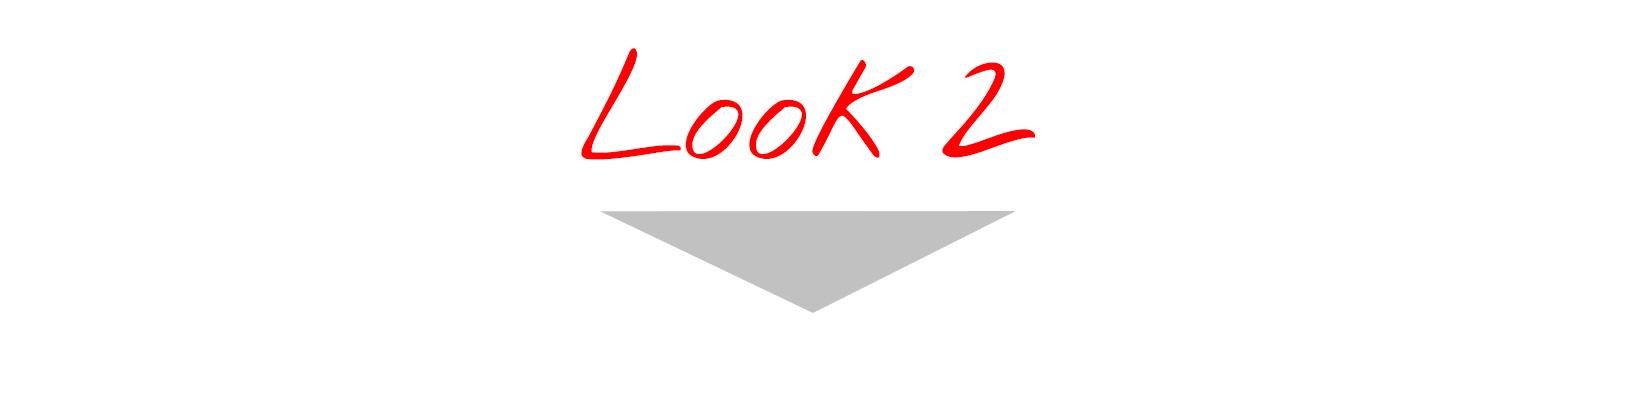 Look n°2